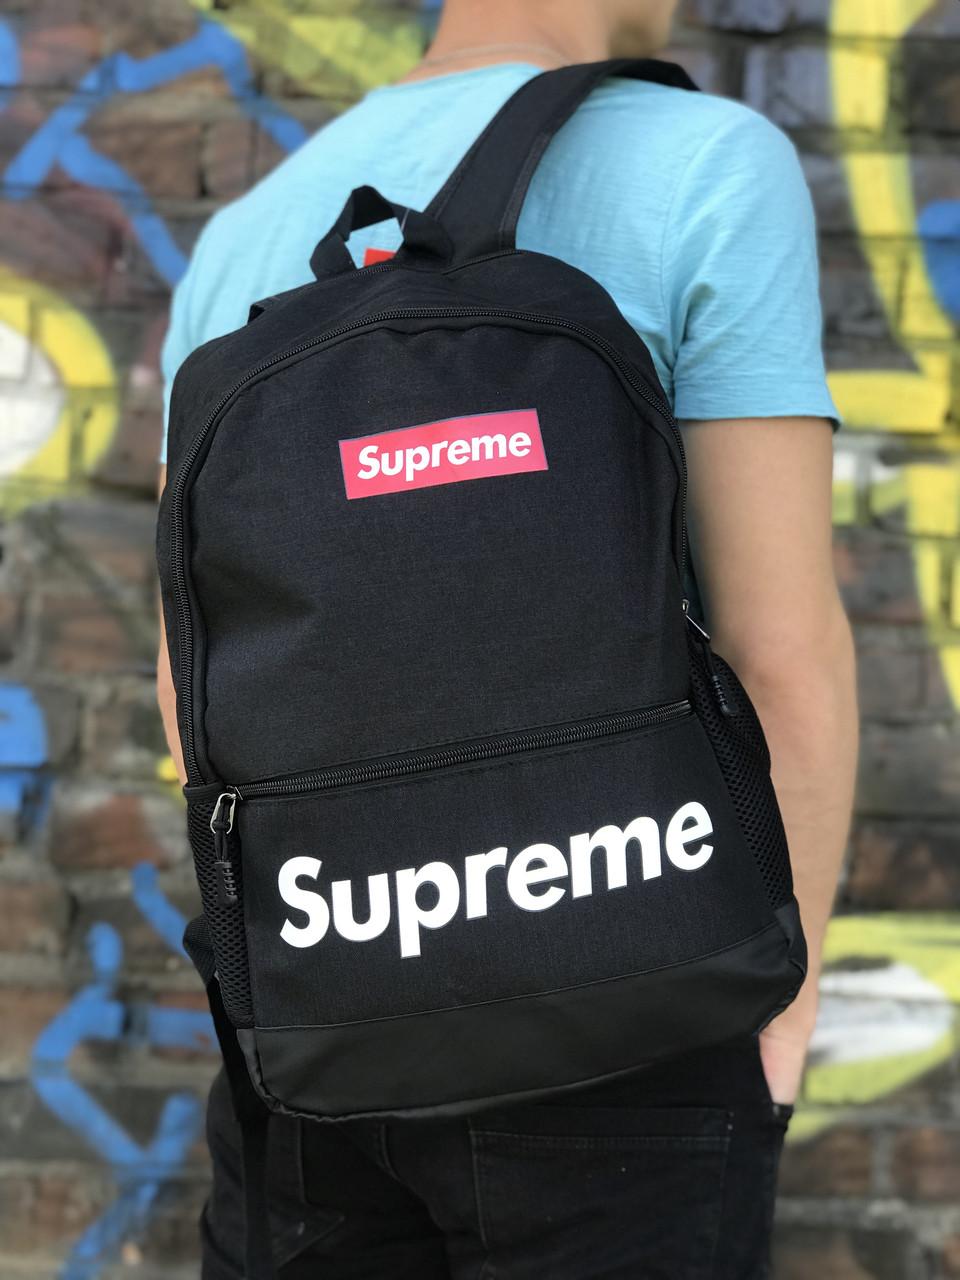 Спортивний рюкзак для школи та спорту Supreme, чорний